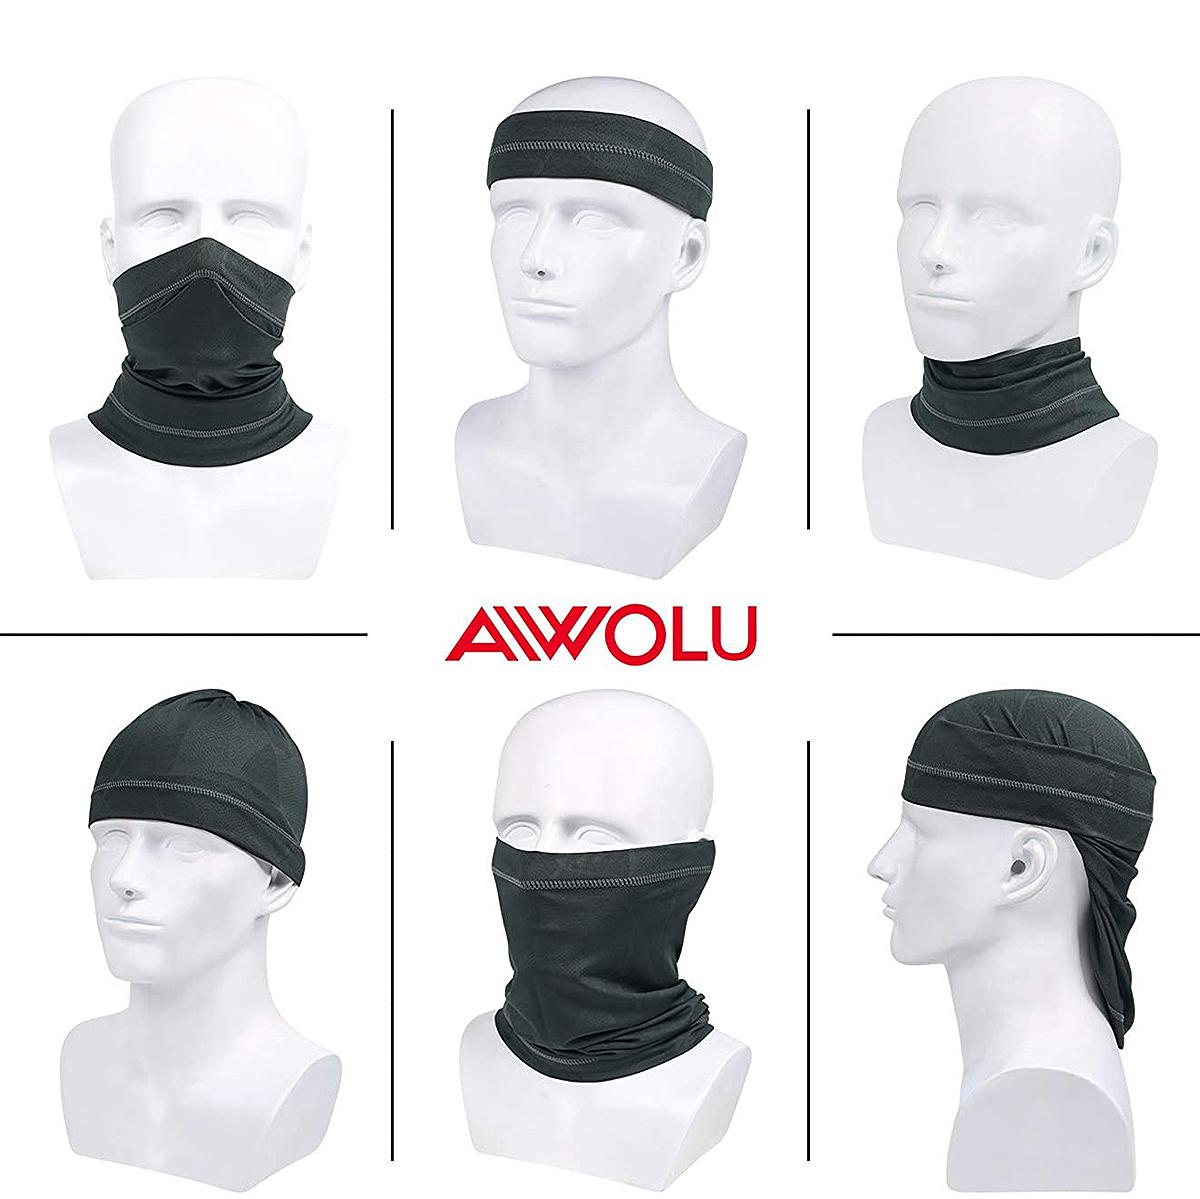 AIWOLU Neck Gaiter